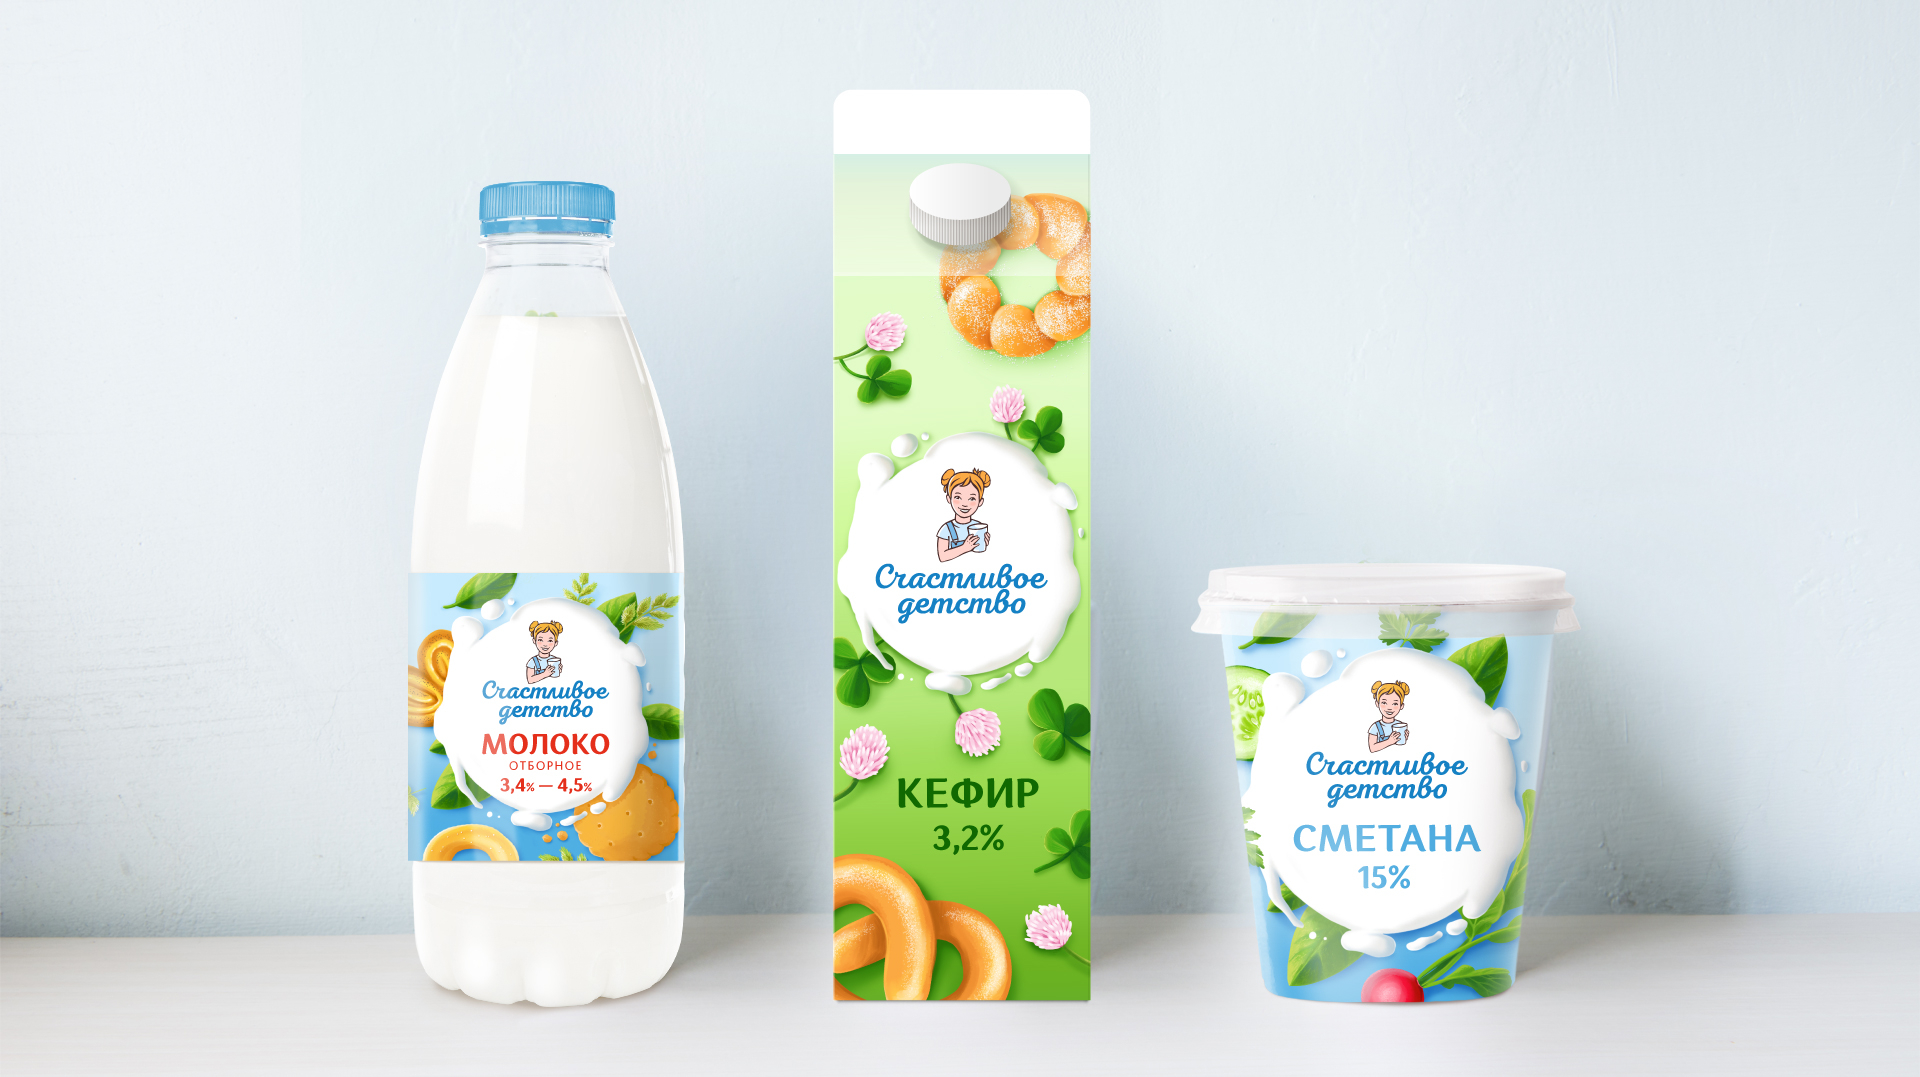 Дизайн упаковки всего ассортимента молочной продукции «Счастливое детство» раскрывает натуральность и свежесть продукта и формирует высокие ожидания от вкуса.